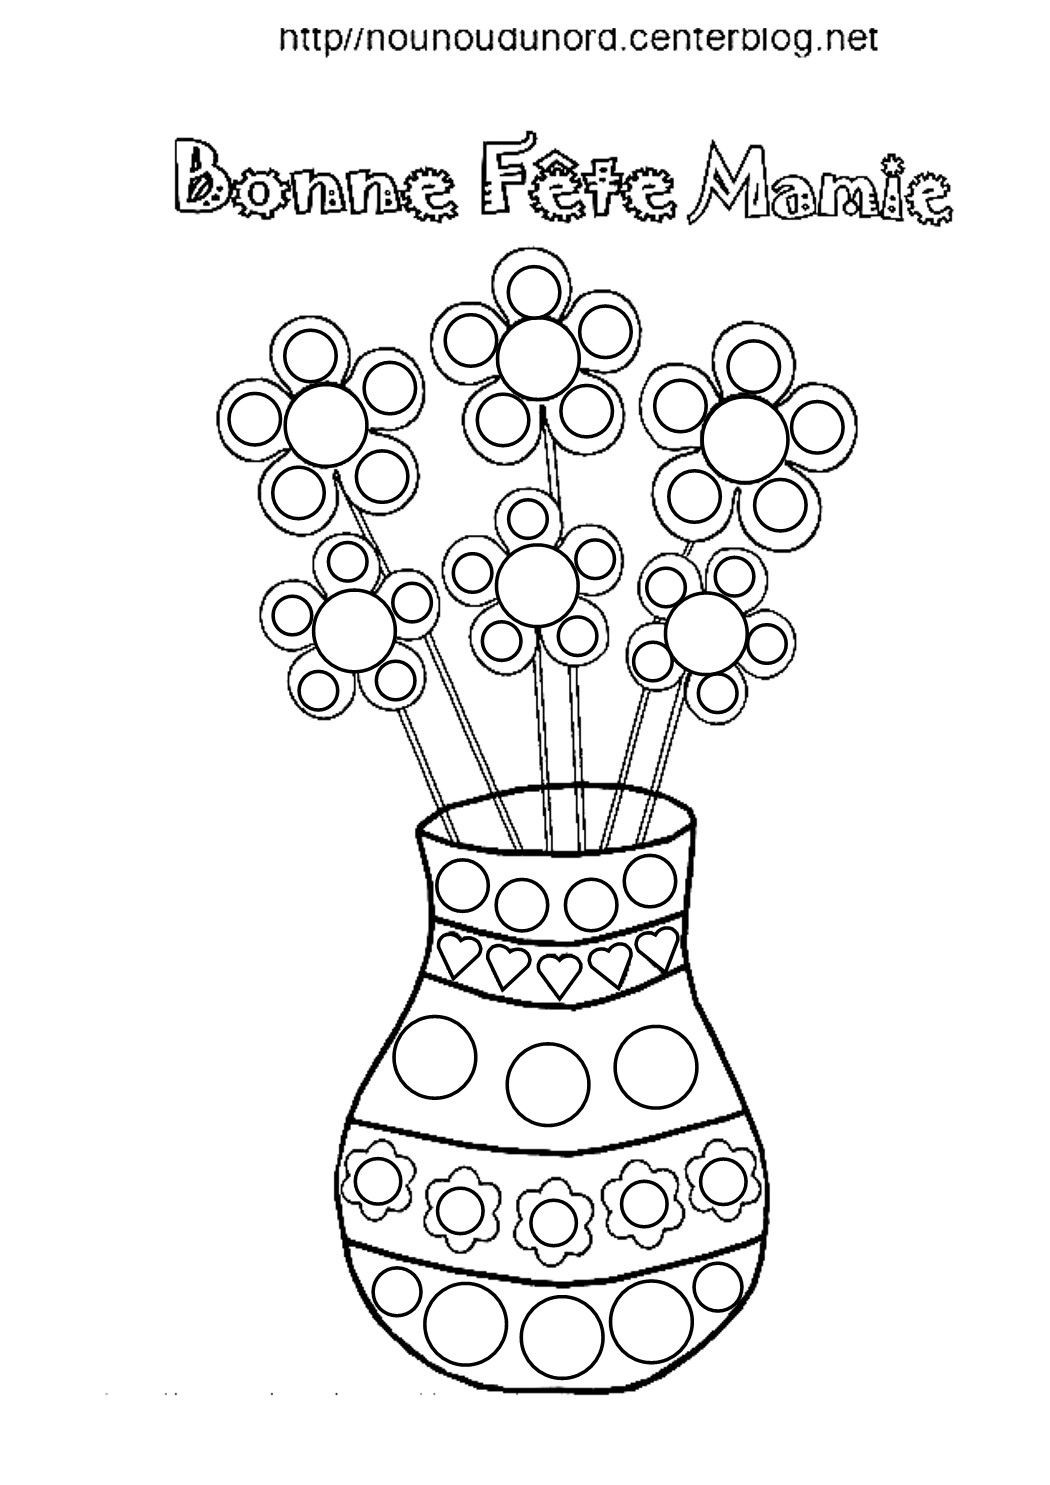 Liste de mes coloriages pour la fête des mamies  Coloriage, Fete